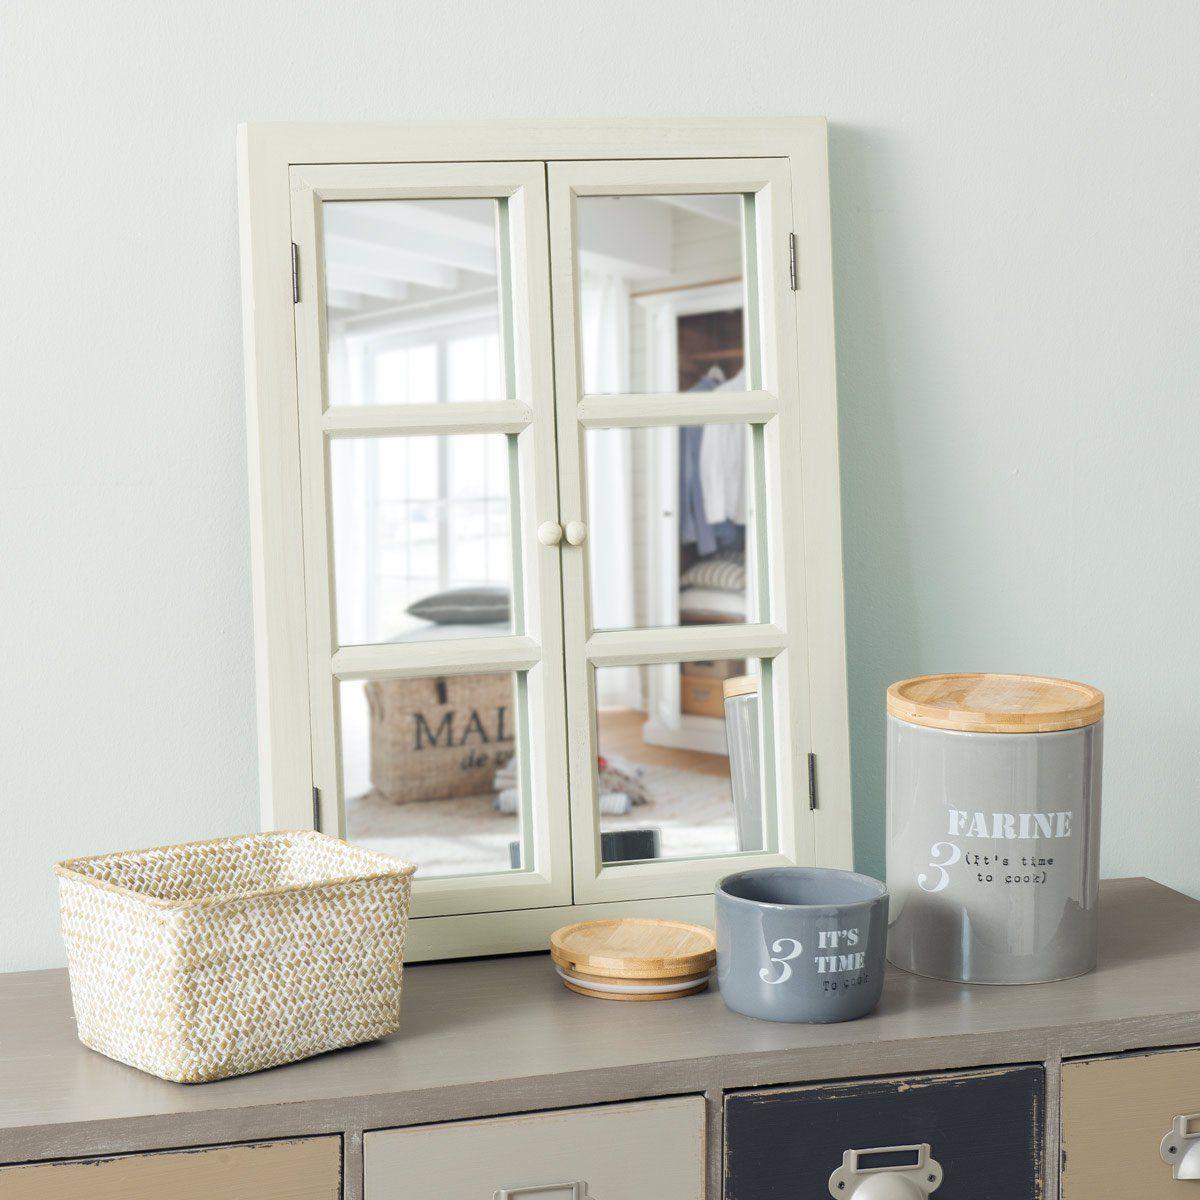 Miroir fen tre vert d 39 eau petit mod le home style for Miroir fenetre